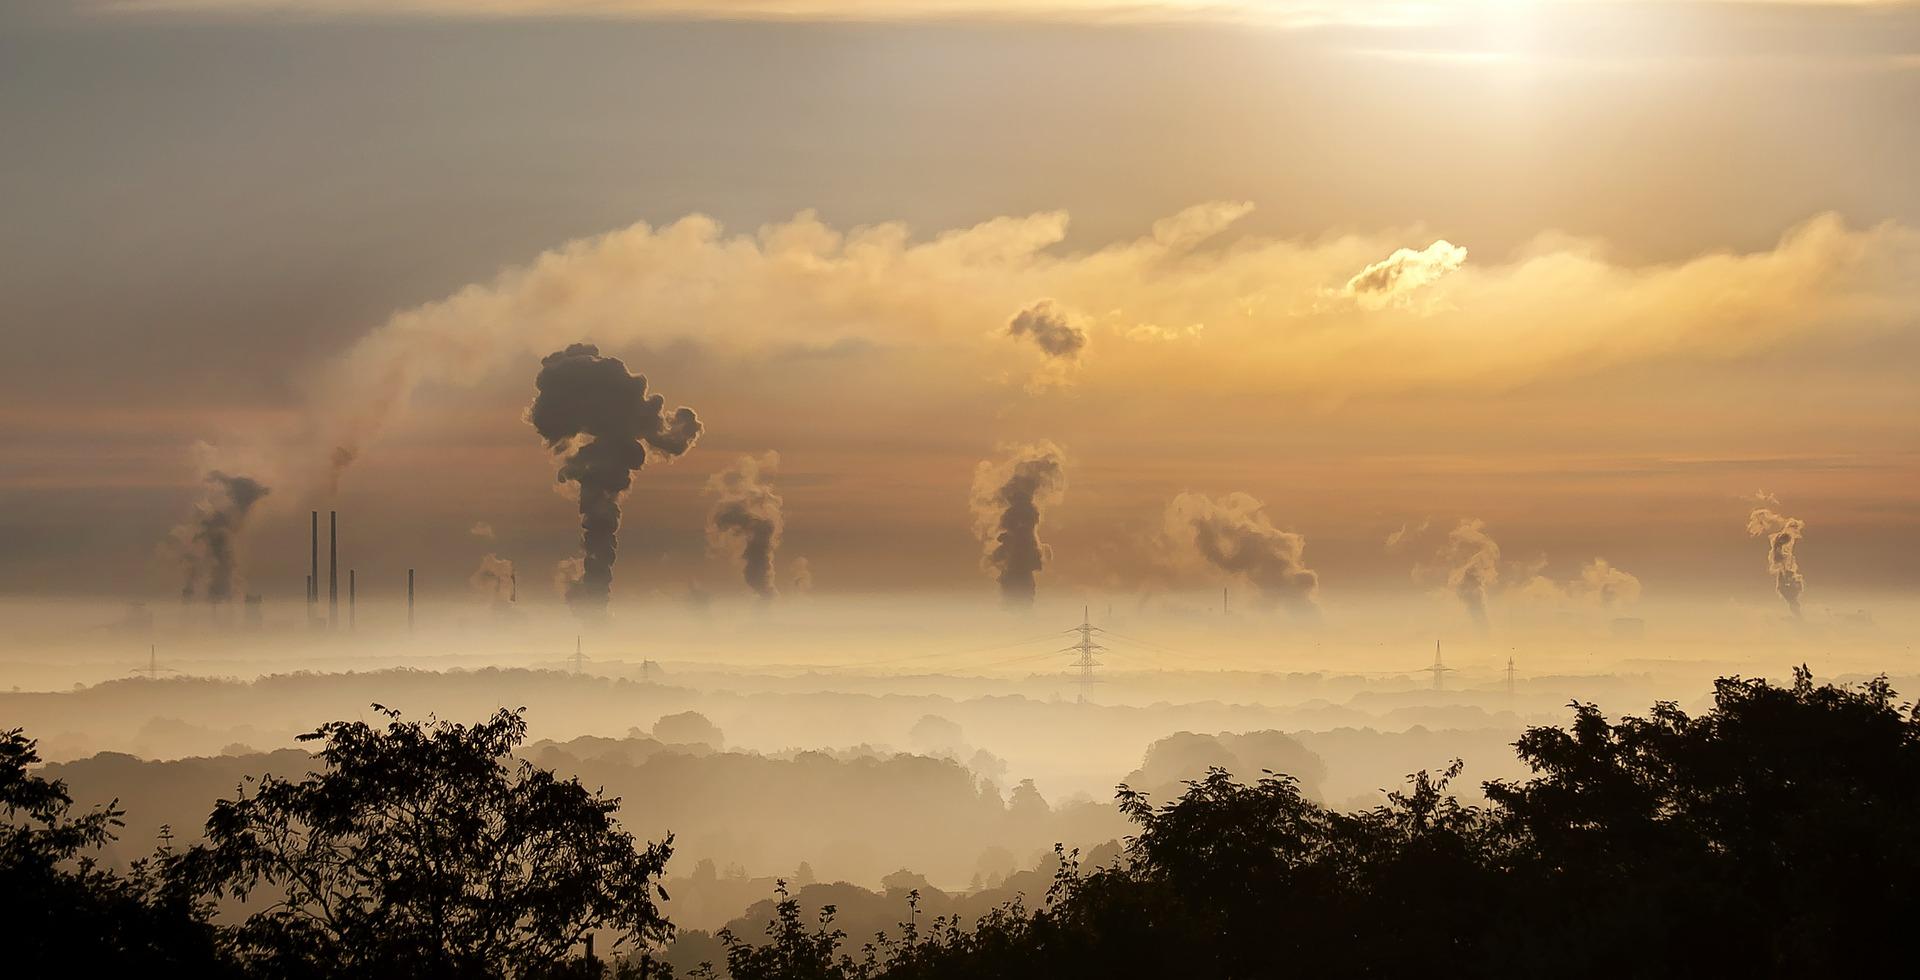 Trybunał UE: Jakość powietrza w Polsce nie spełnia norm unijnych